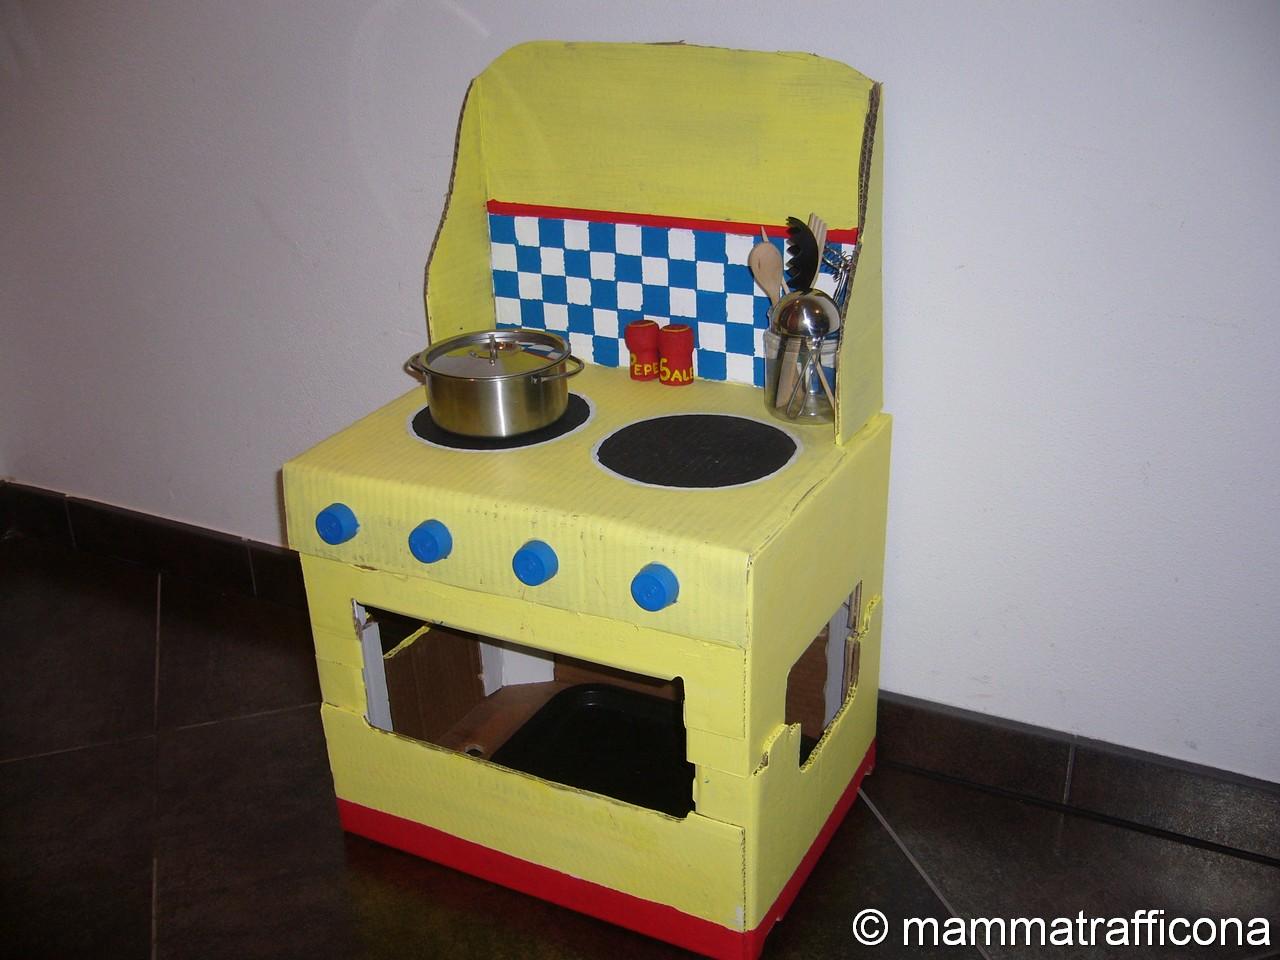 Mammatrafficona giochi fai da te la cucina di cartone - Costruire una casetta di cartone per bambini ...